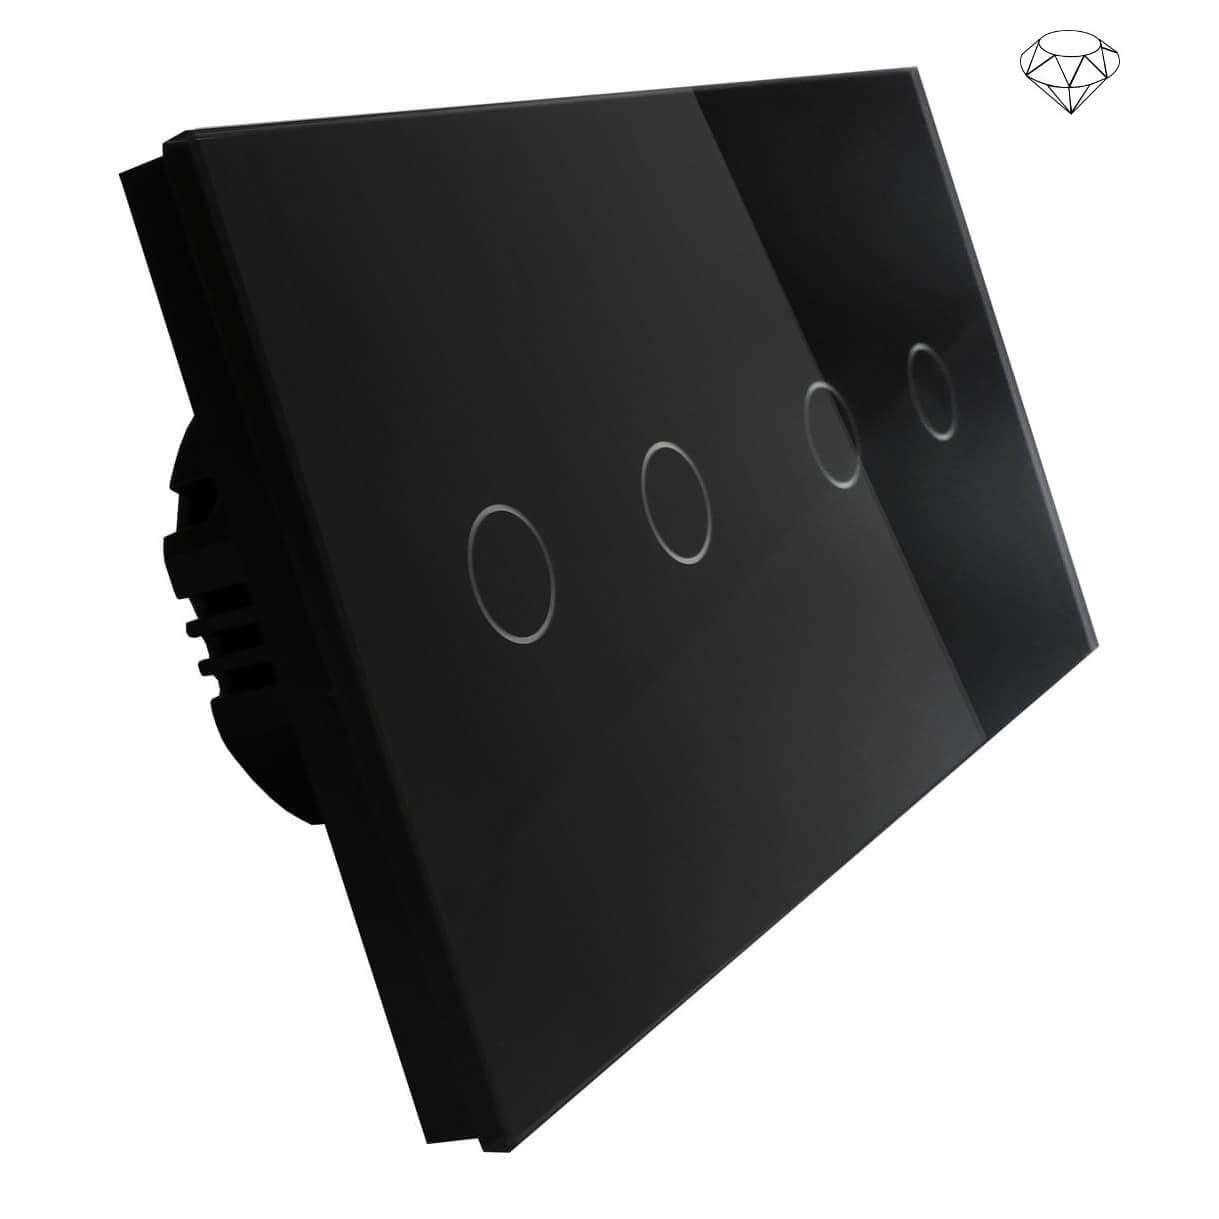 Szklany wyłącznik światła dotykowy dwuobwodowy, cztery przyciski, na dwie puszki, czarny